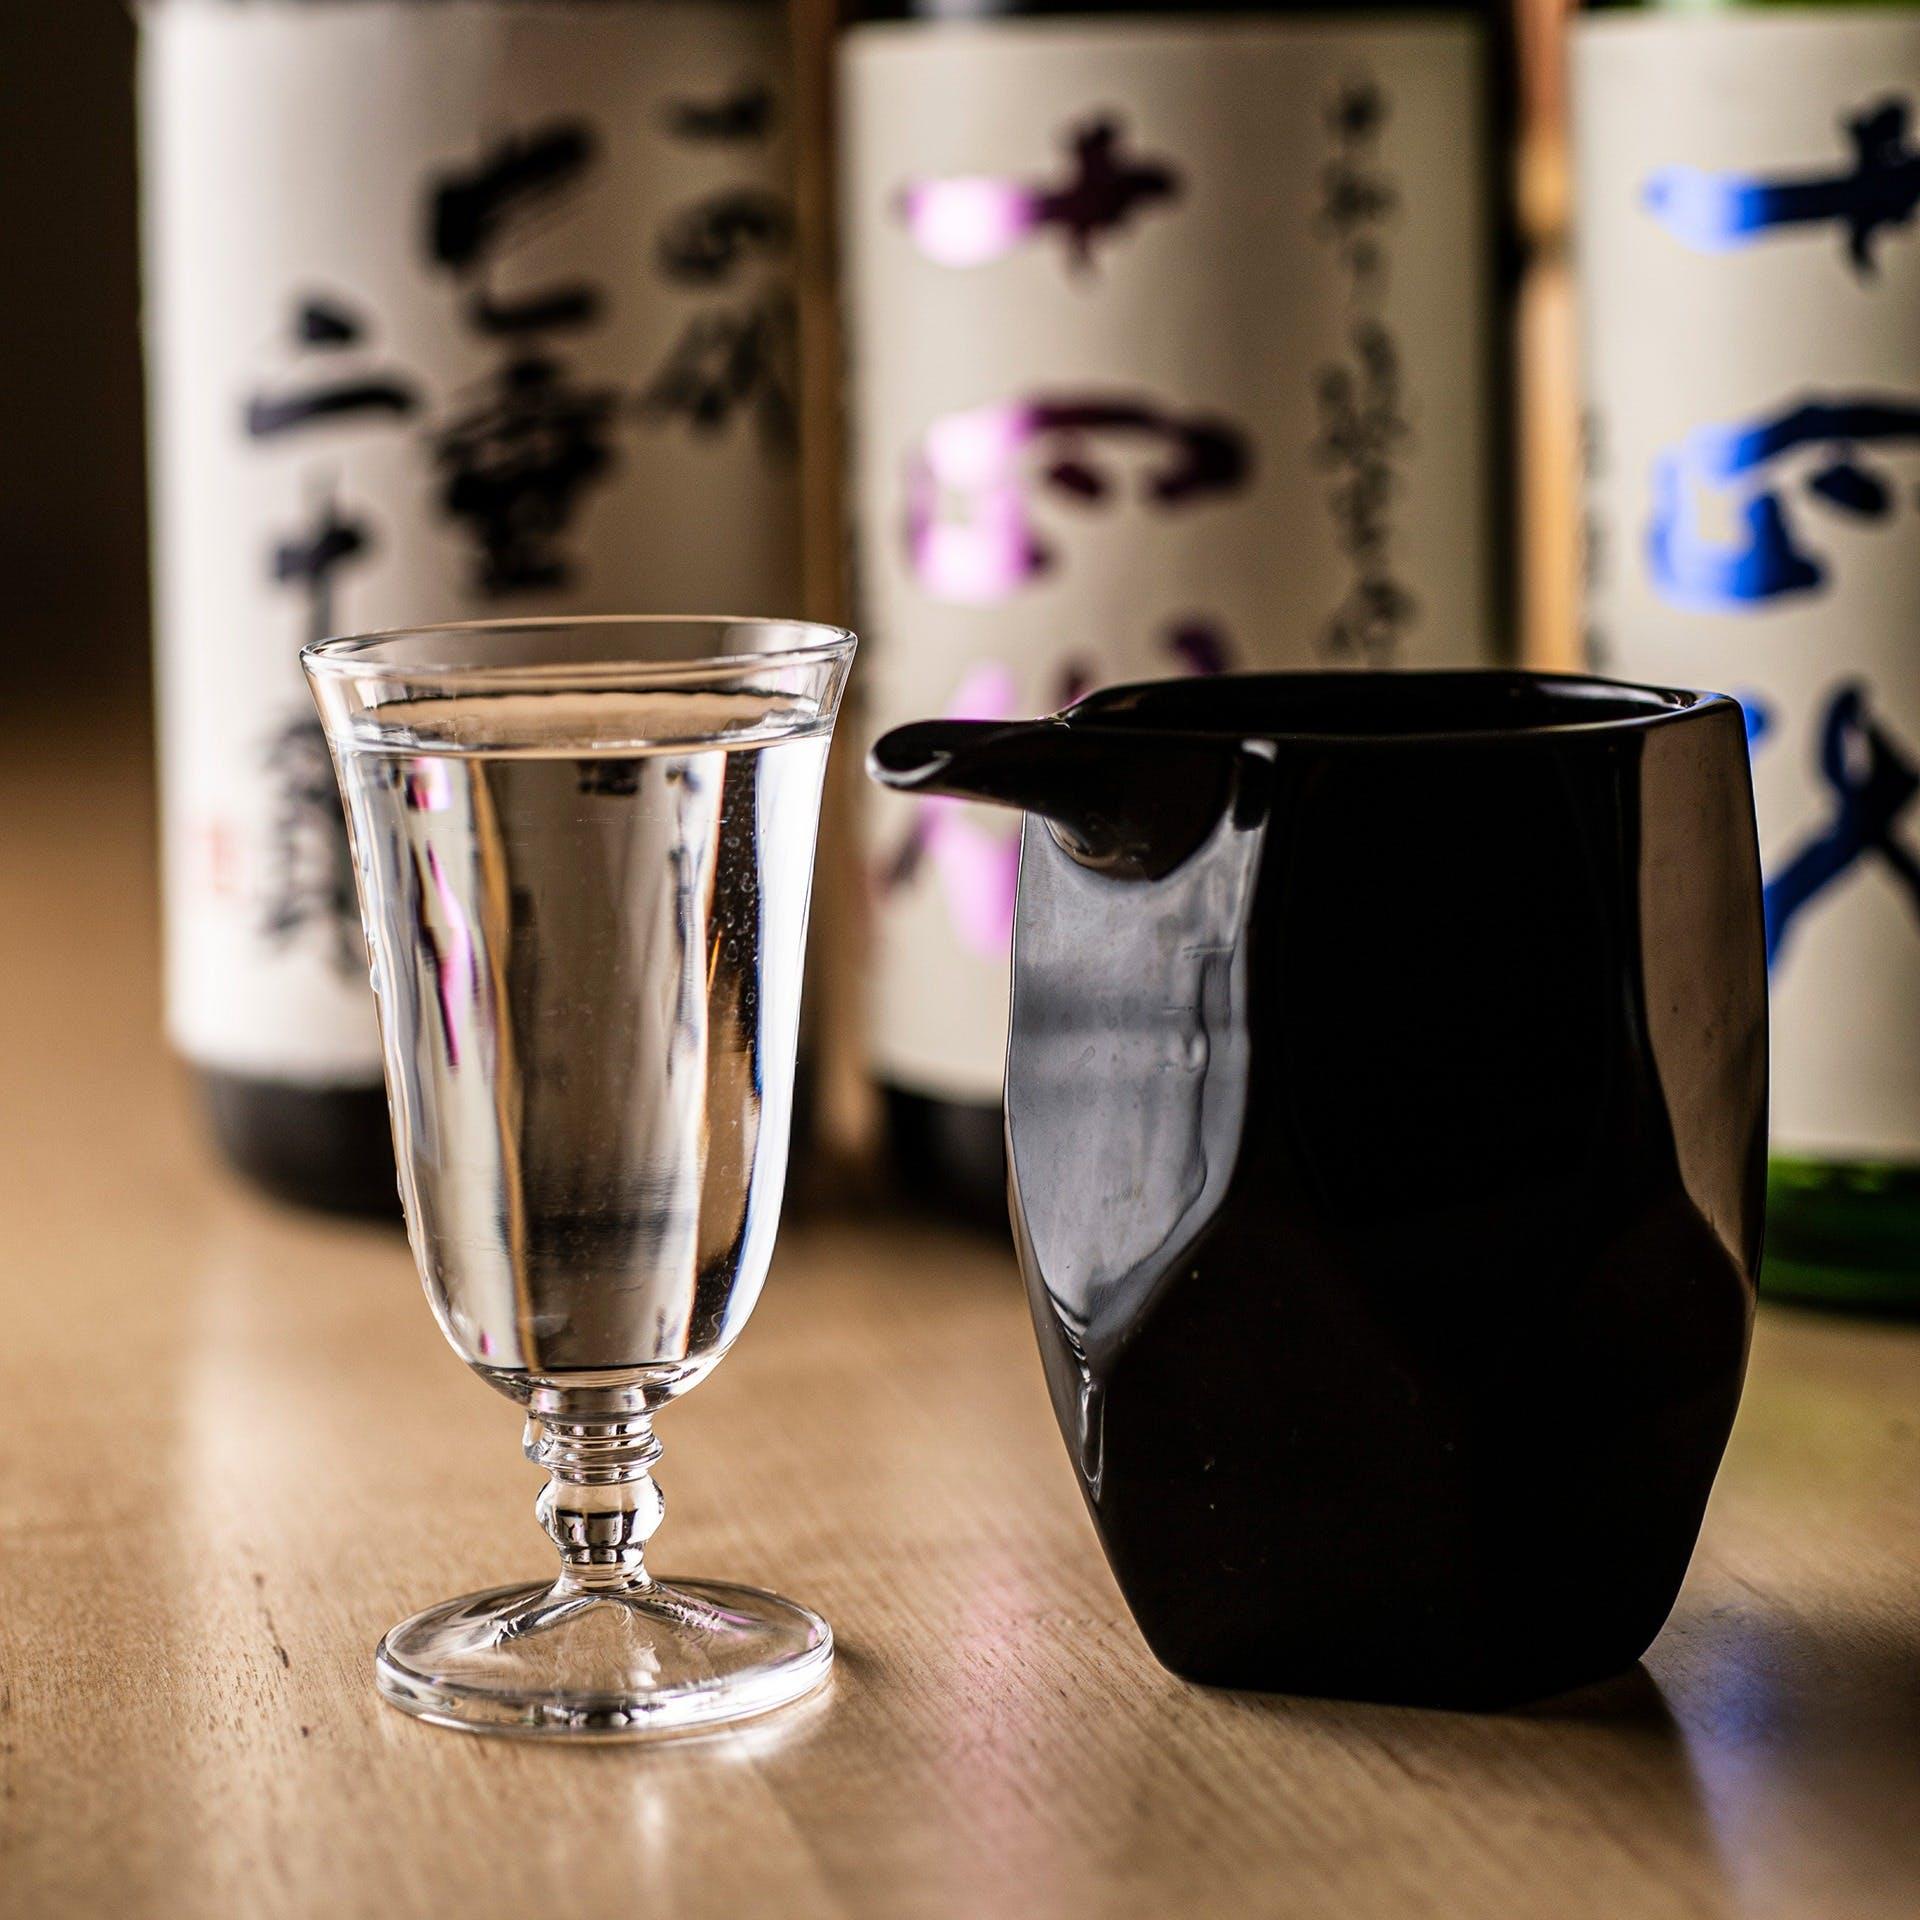 ー日本酒ーNihonsyu (Sake)